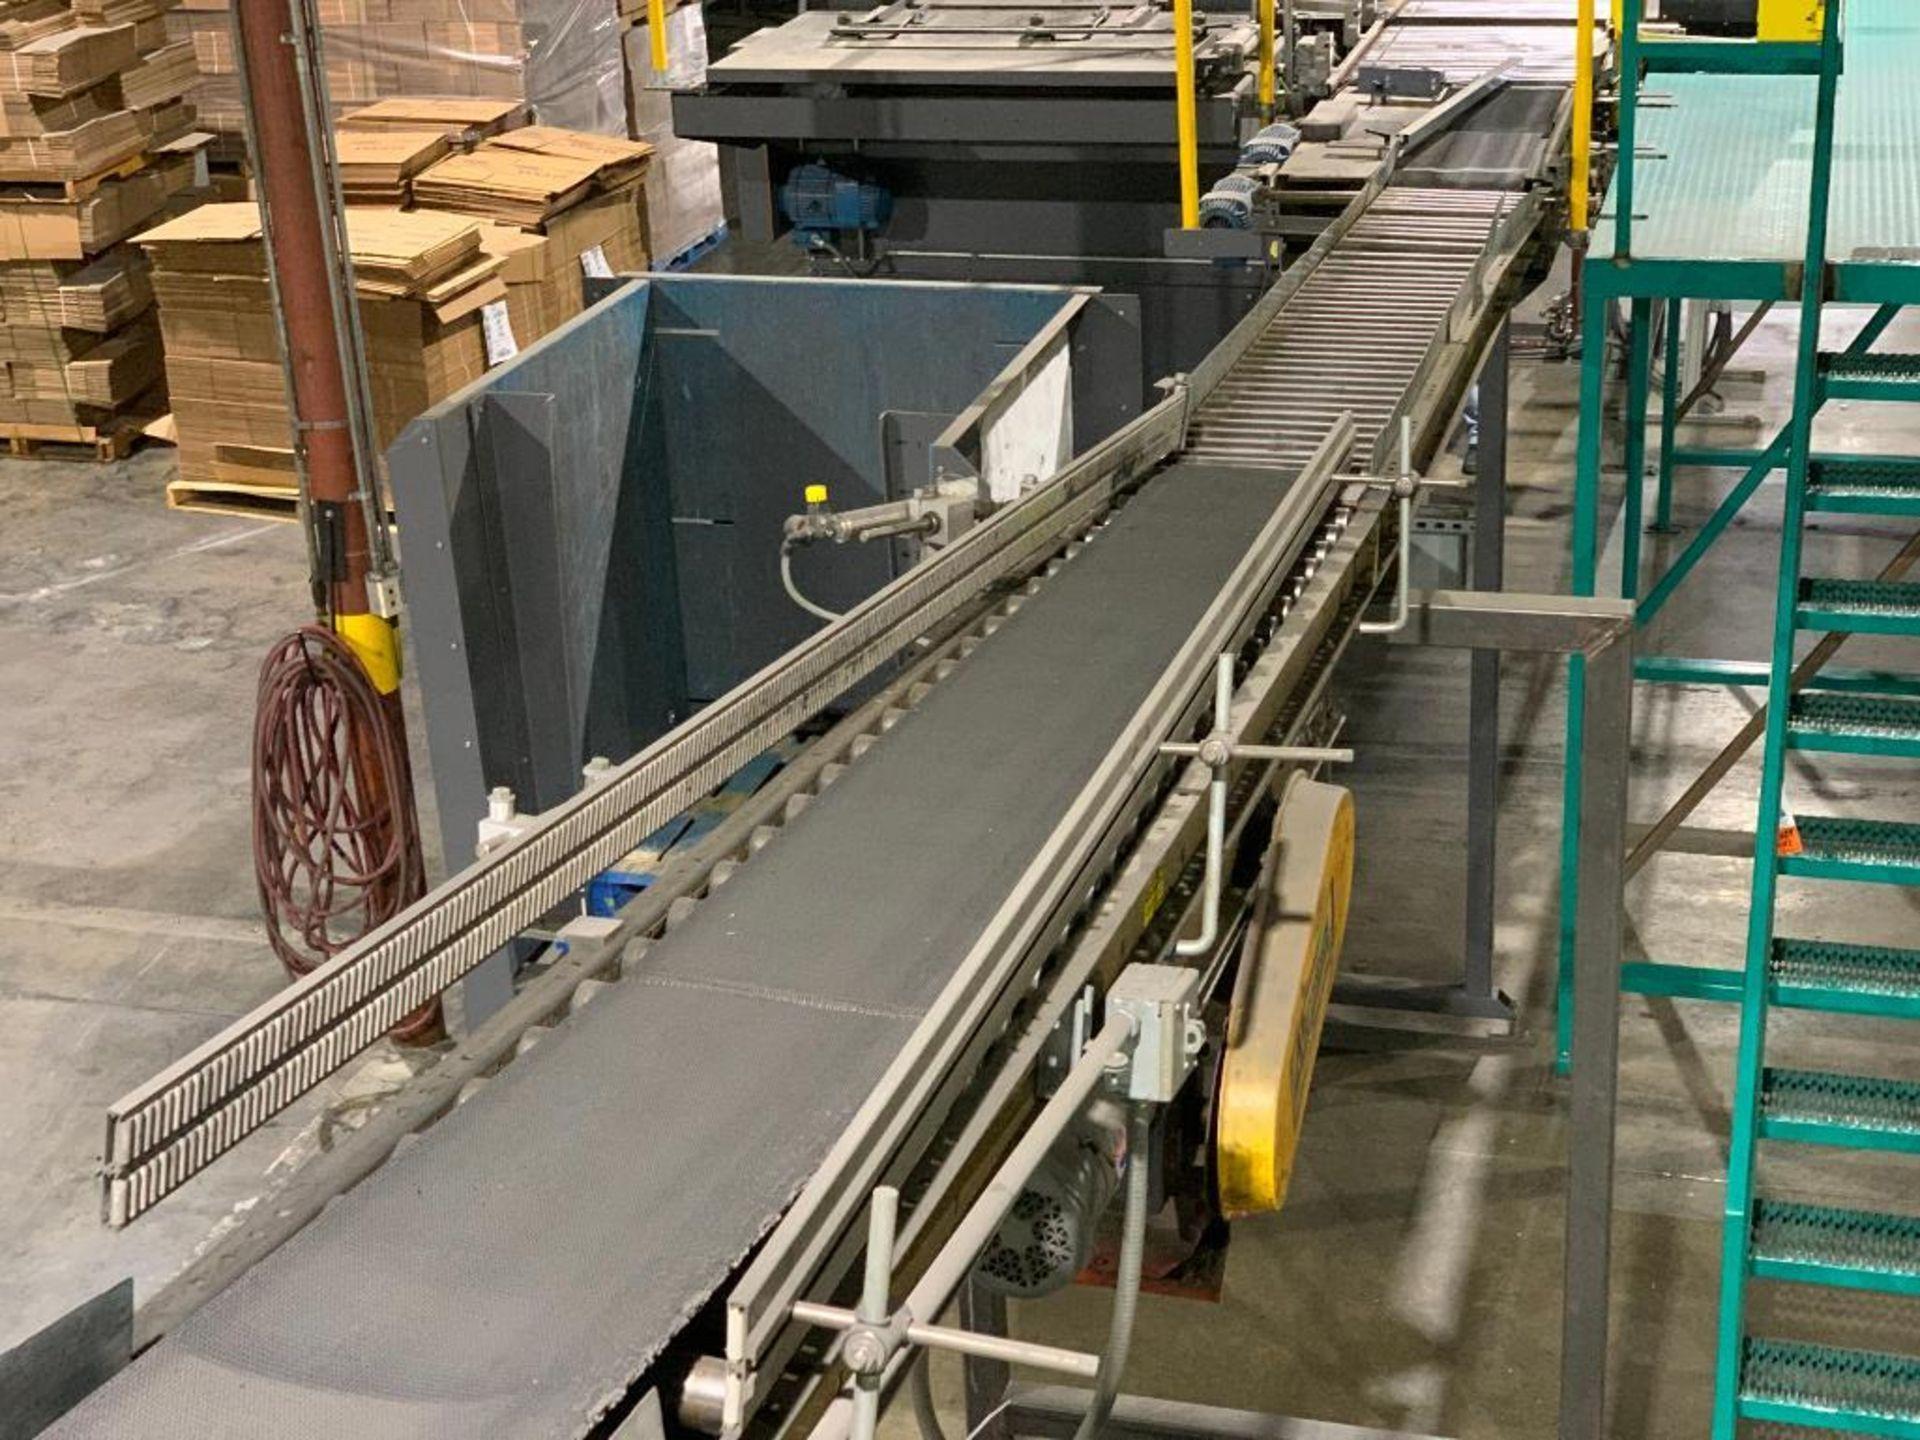 mild steel powered belt conveyor, decline - Image 3 of 14